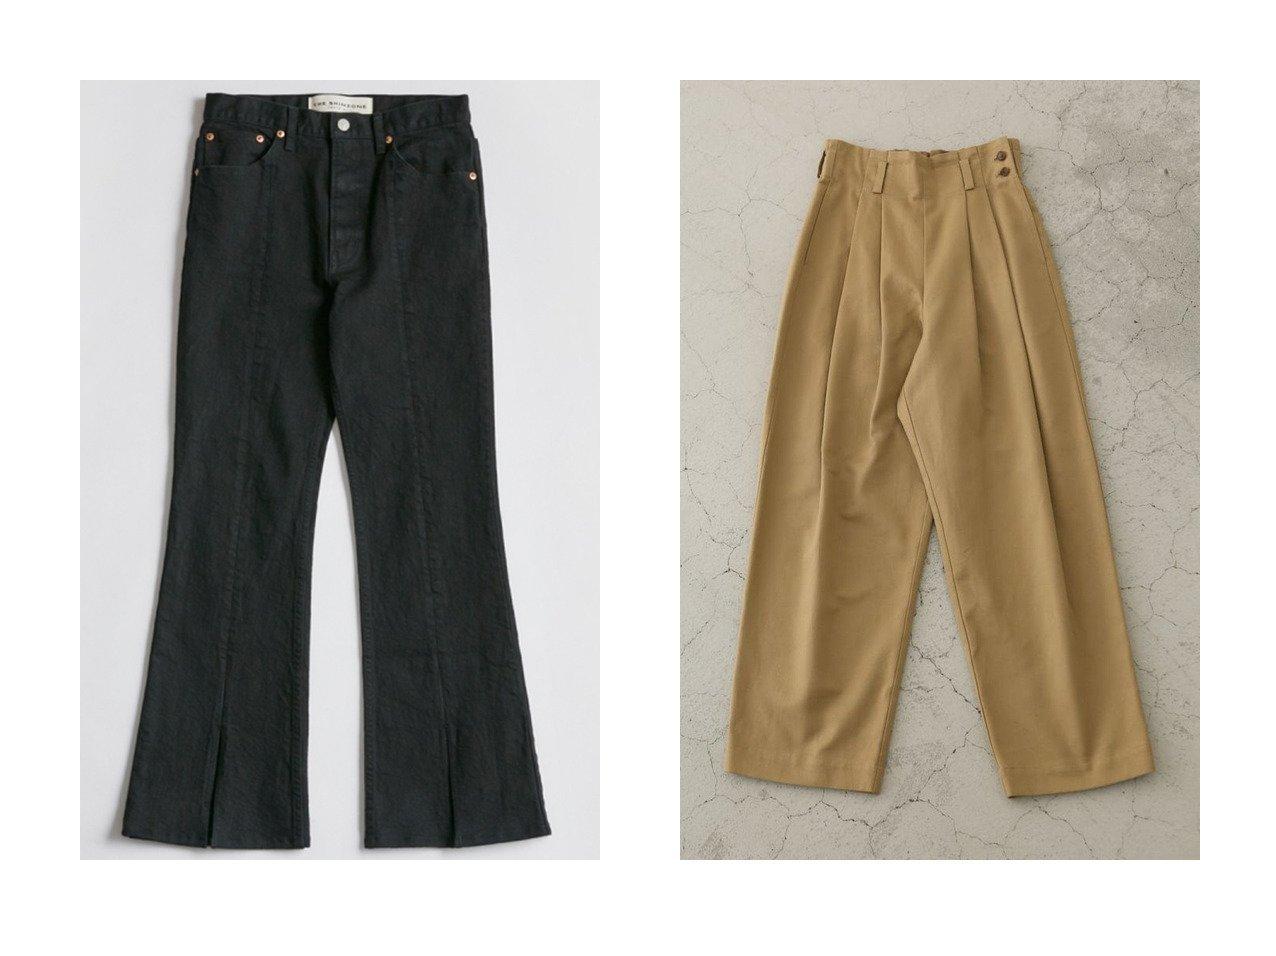 【Shinzone/シンゾーン】のスリットジーンズ&【RIM.ARK/リムアーク】のRelax high-パンツ パンツのおすすめ!人気、レディースファッションの通販 おすすめで人気のファッション通販商品 インテリア・家具・キッズファッション・メンズファッション・レディースファッション・服の通販 founy(ファニー) https://founy.com/ ファッション Fashion レディース WOMEN パンツ Pants ジーンズ ストレッチ スニーカー スリット デニム フレア フロント ショート スタイリッシュ |ID:crp329100000000190